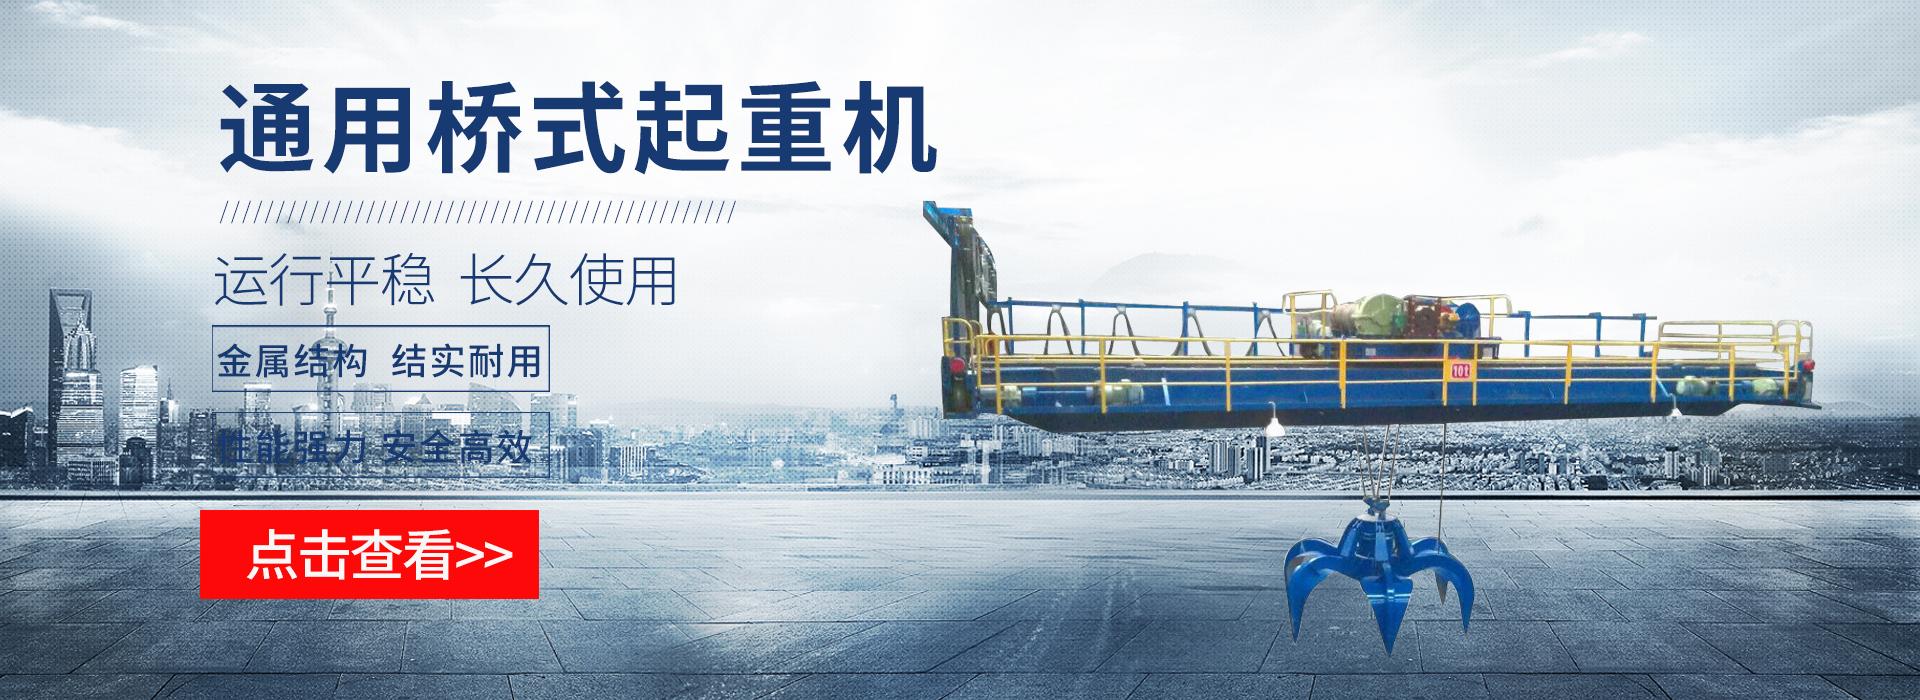 上海炬神起重设备有限公司